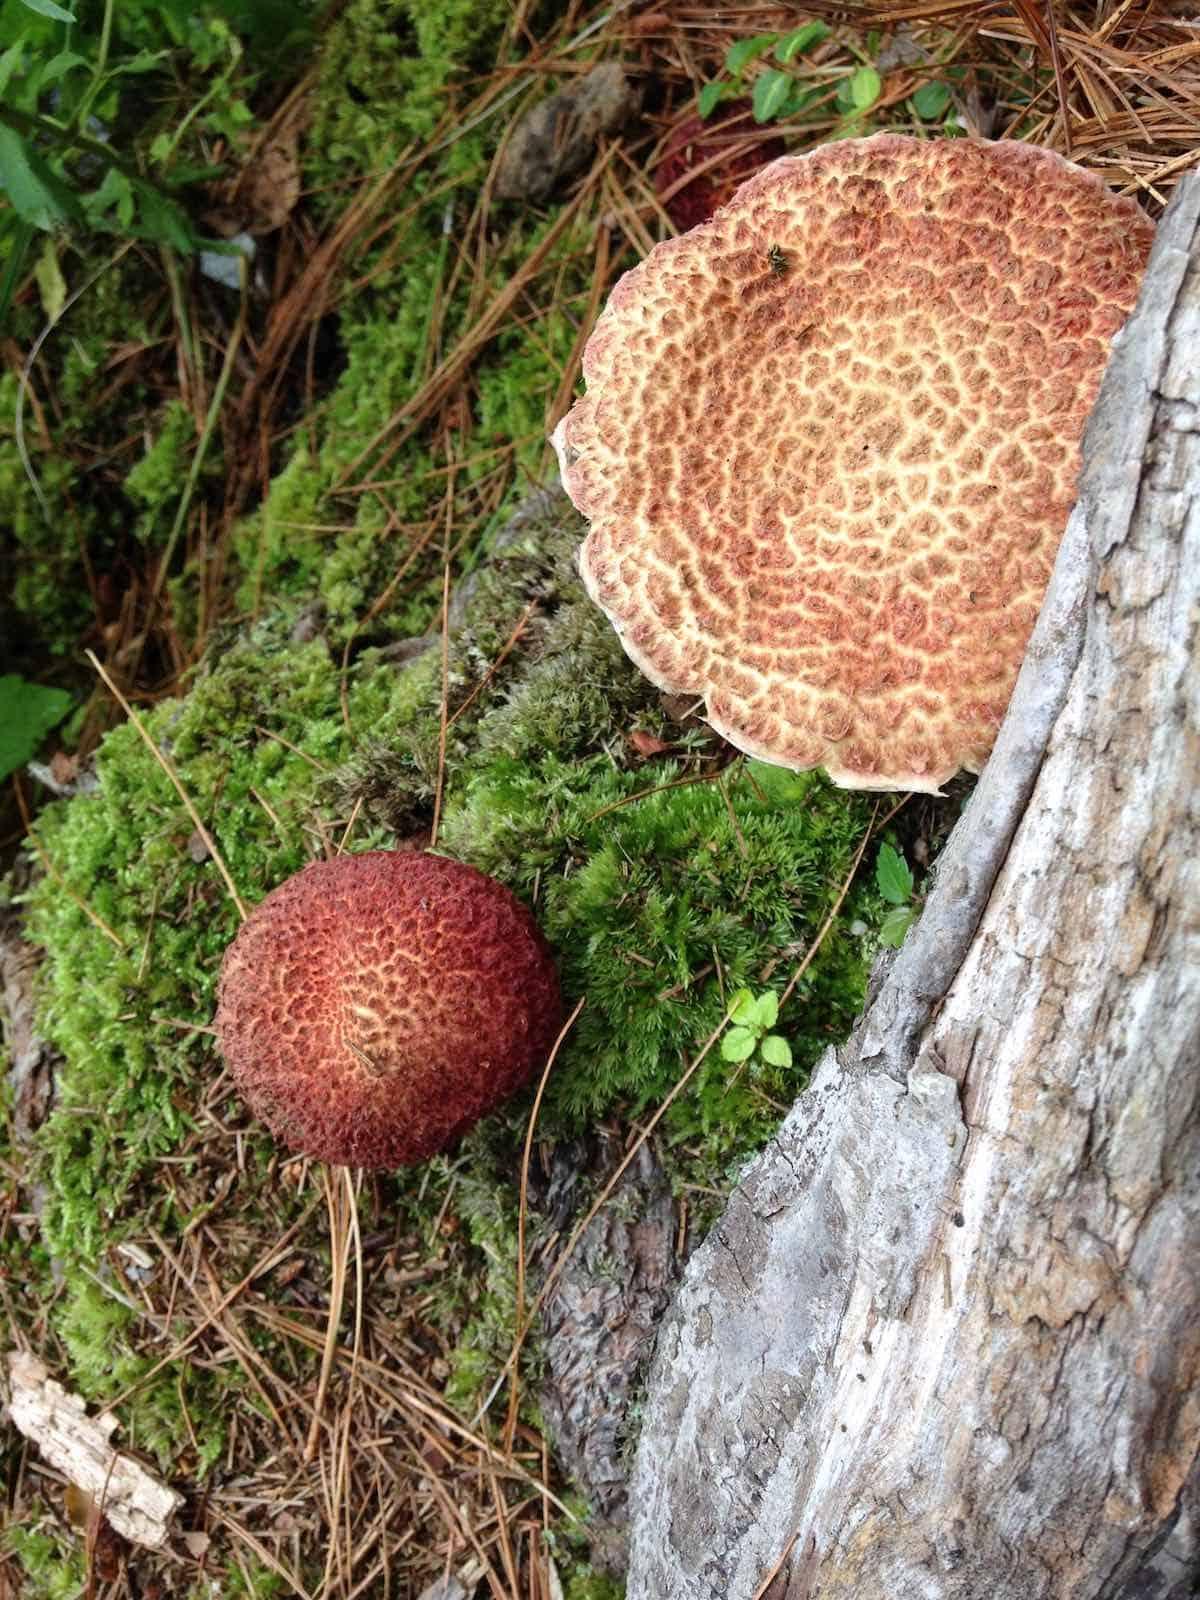 Lake Elise trail showing wild non-edible mushrooms